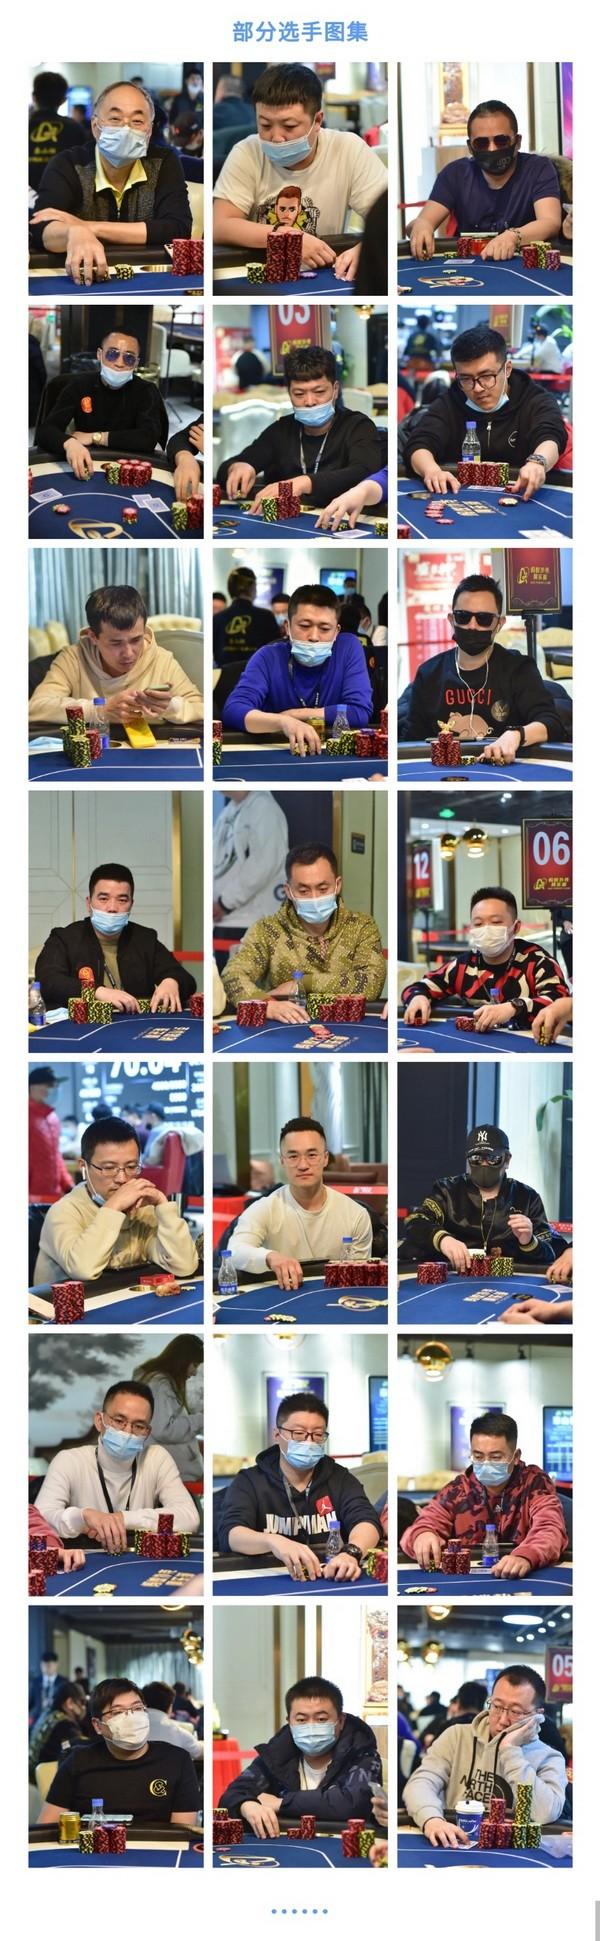 【蜗牛扑克】泰山杯|主赛事泡沫诞生!胡笑源领跑30人晋级!